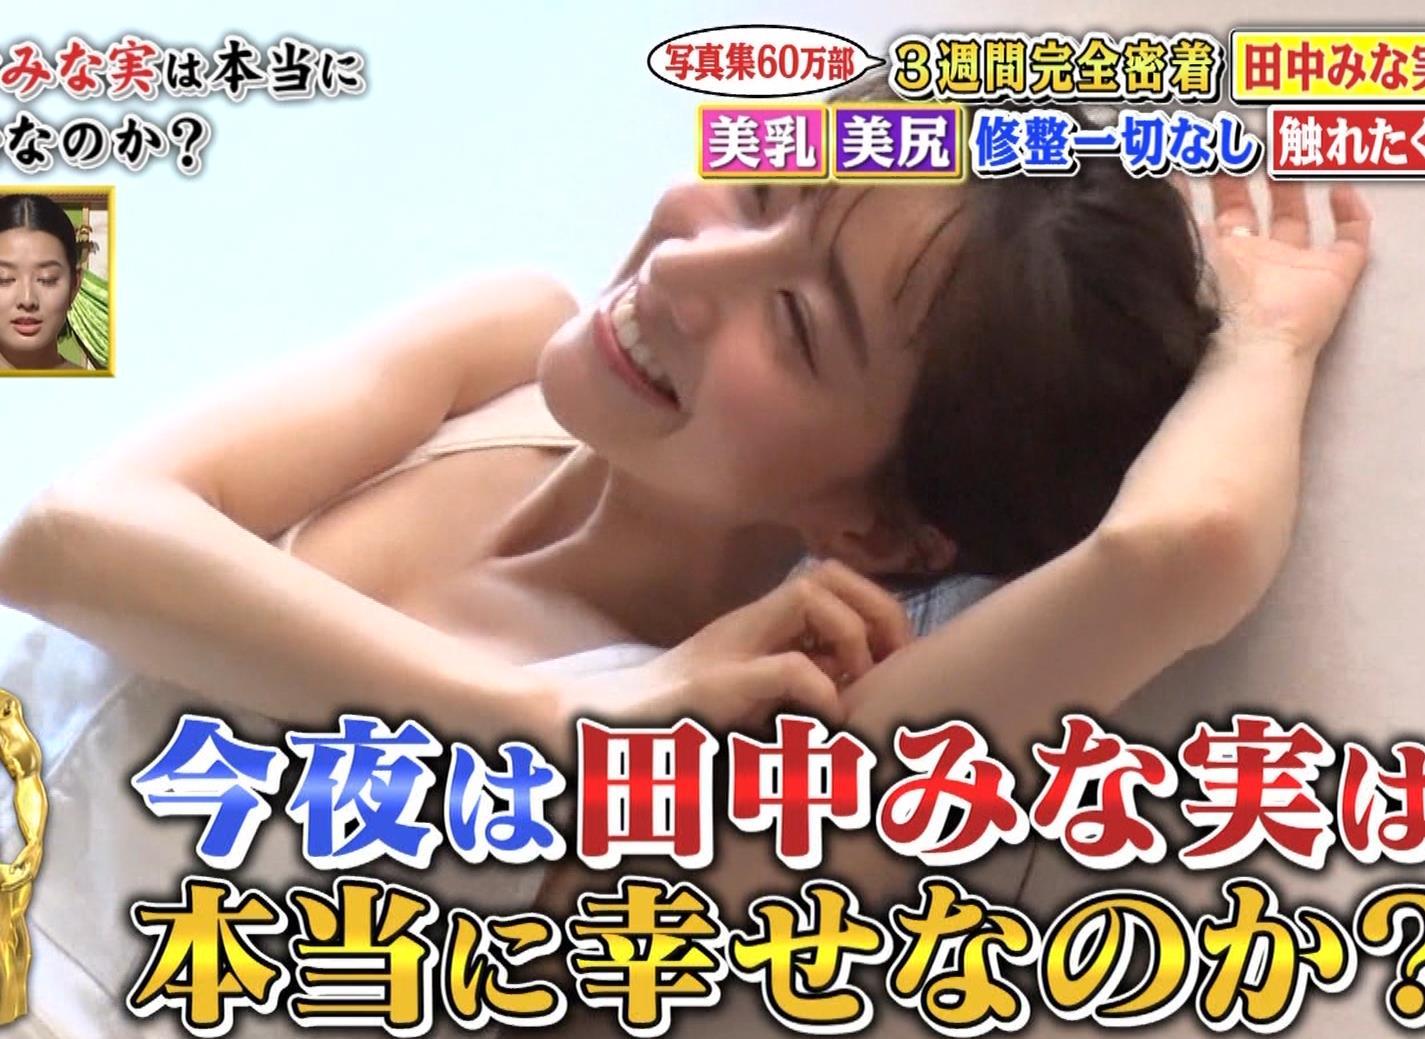 田中みな実 また惜しげもなくおっぱいをチラチラさせてるキャプ・エロ画像3